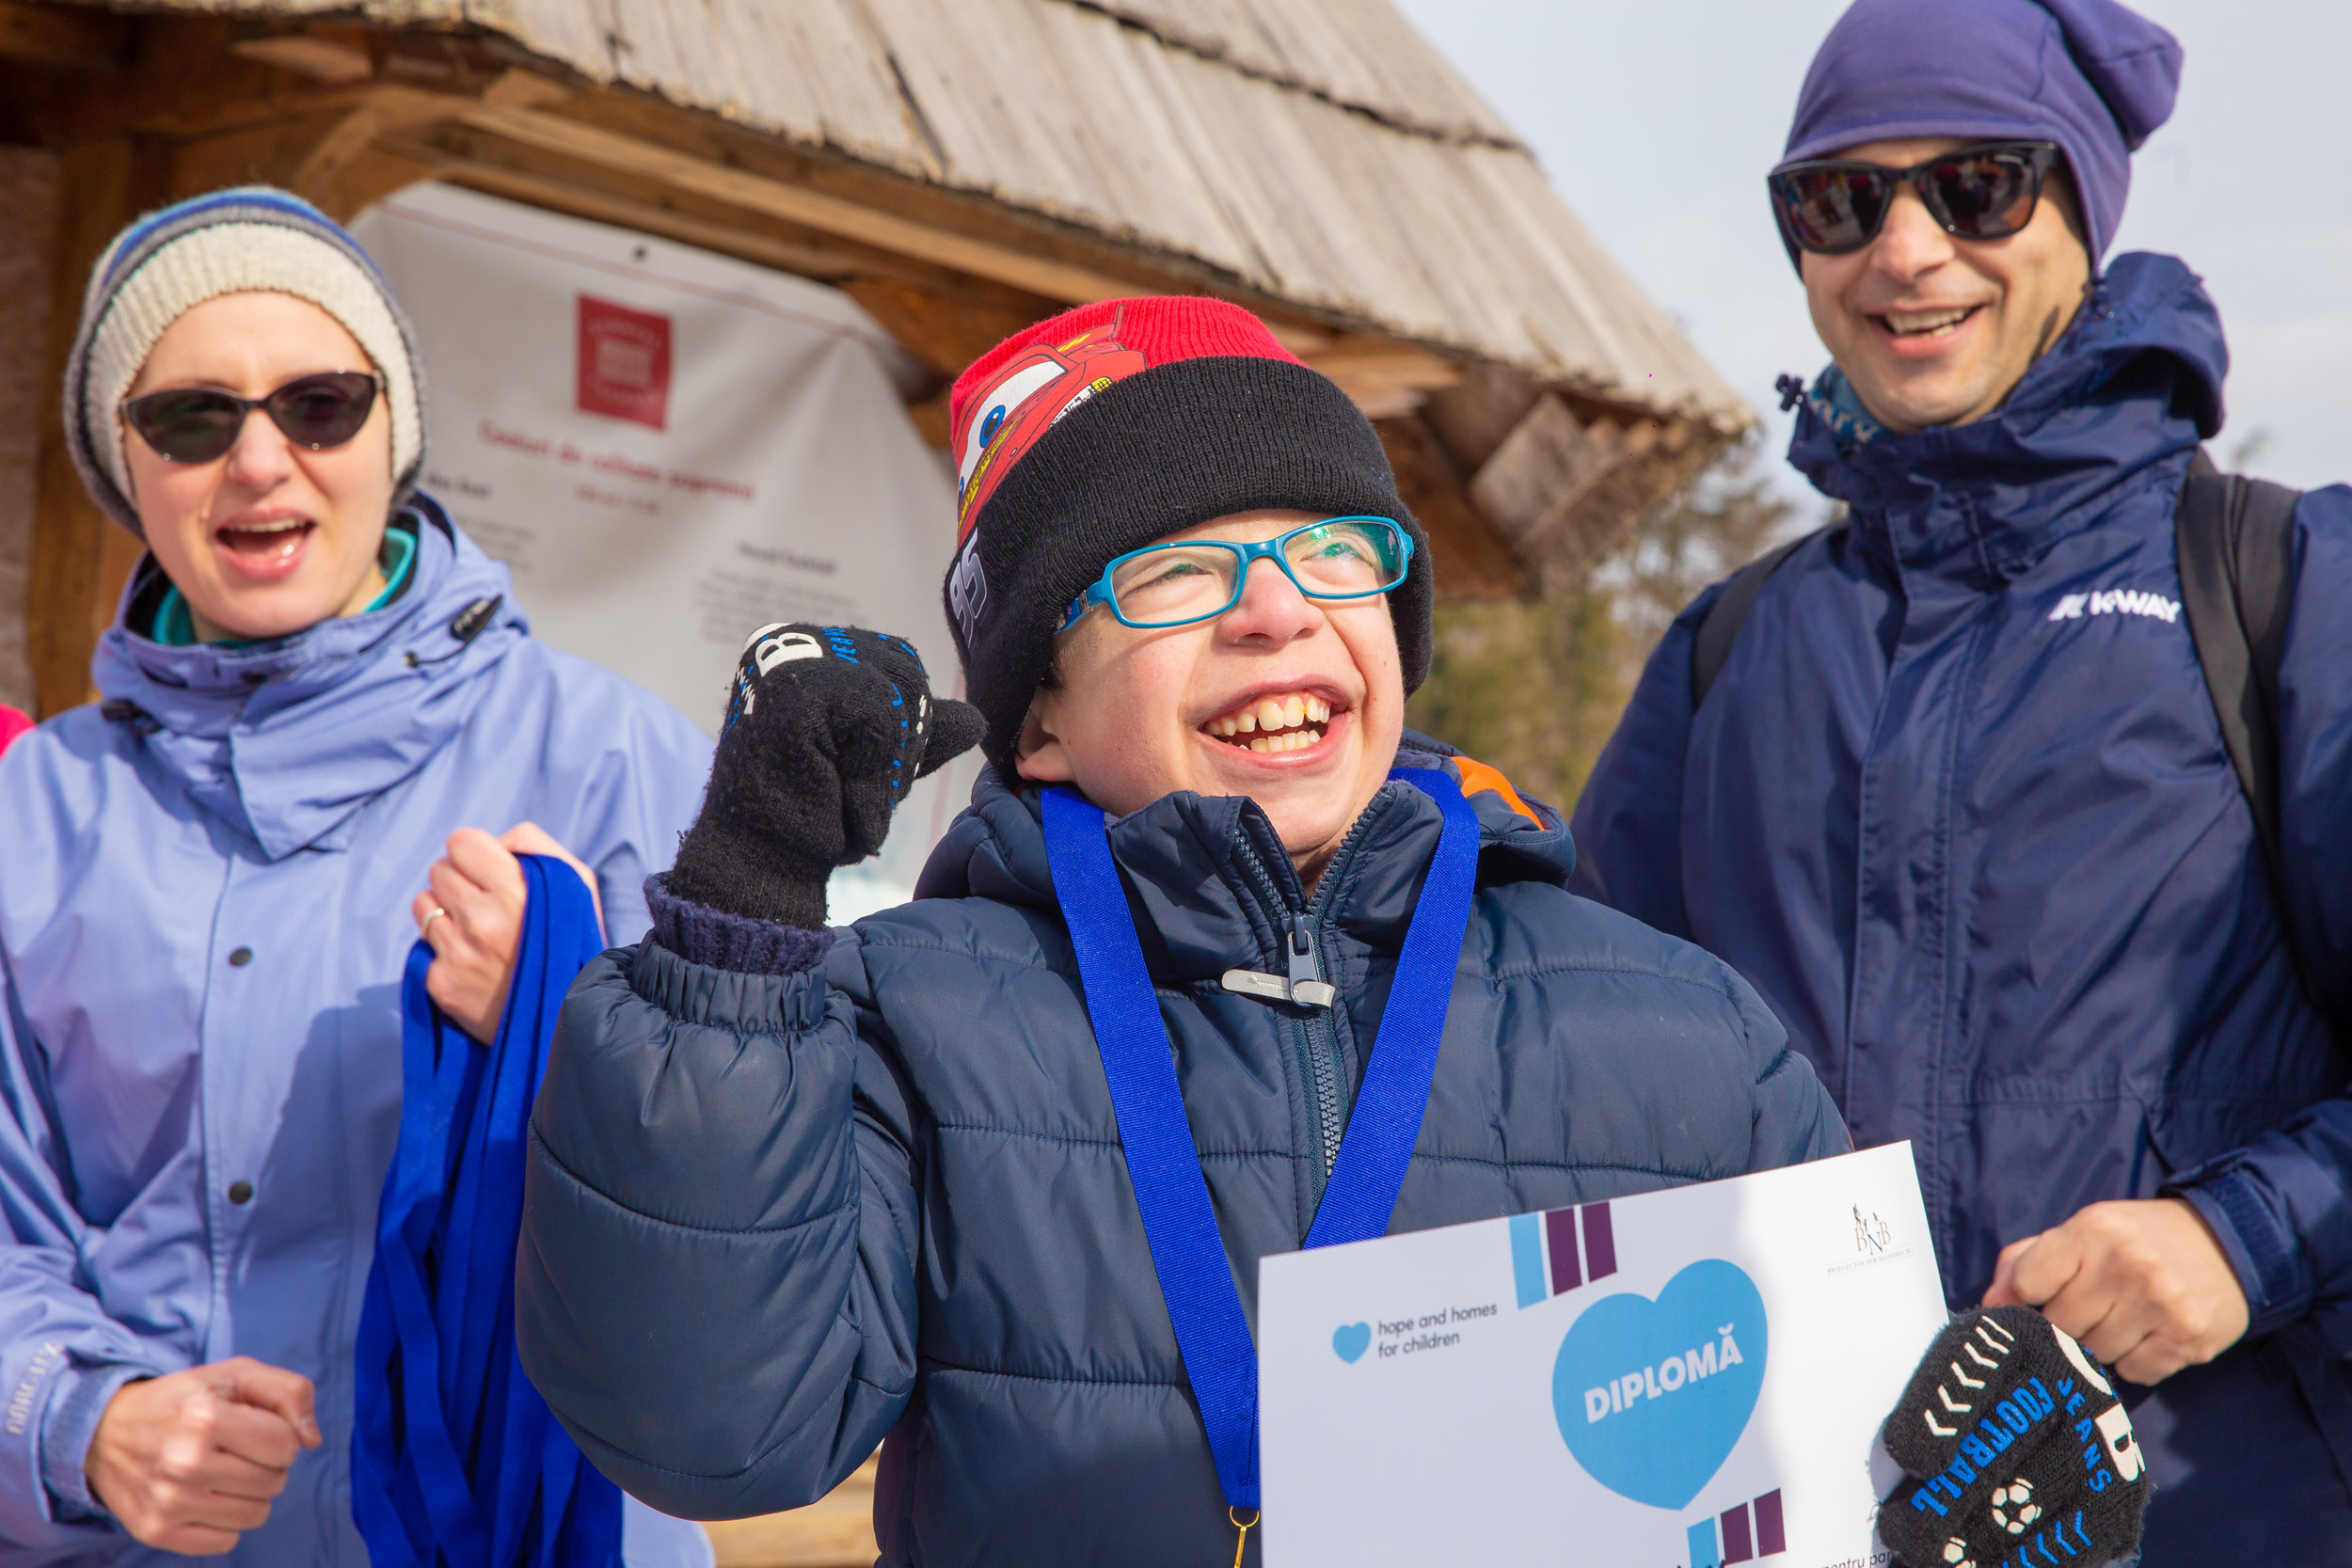 Jocurile Speciale de Iarna 2019_11_Foto Diana Sandor.jpg